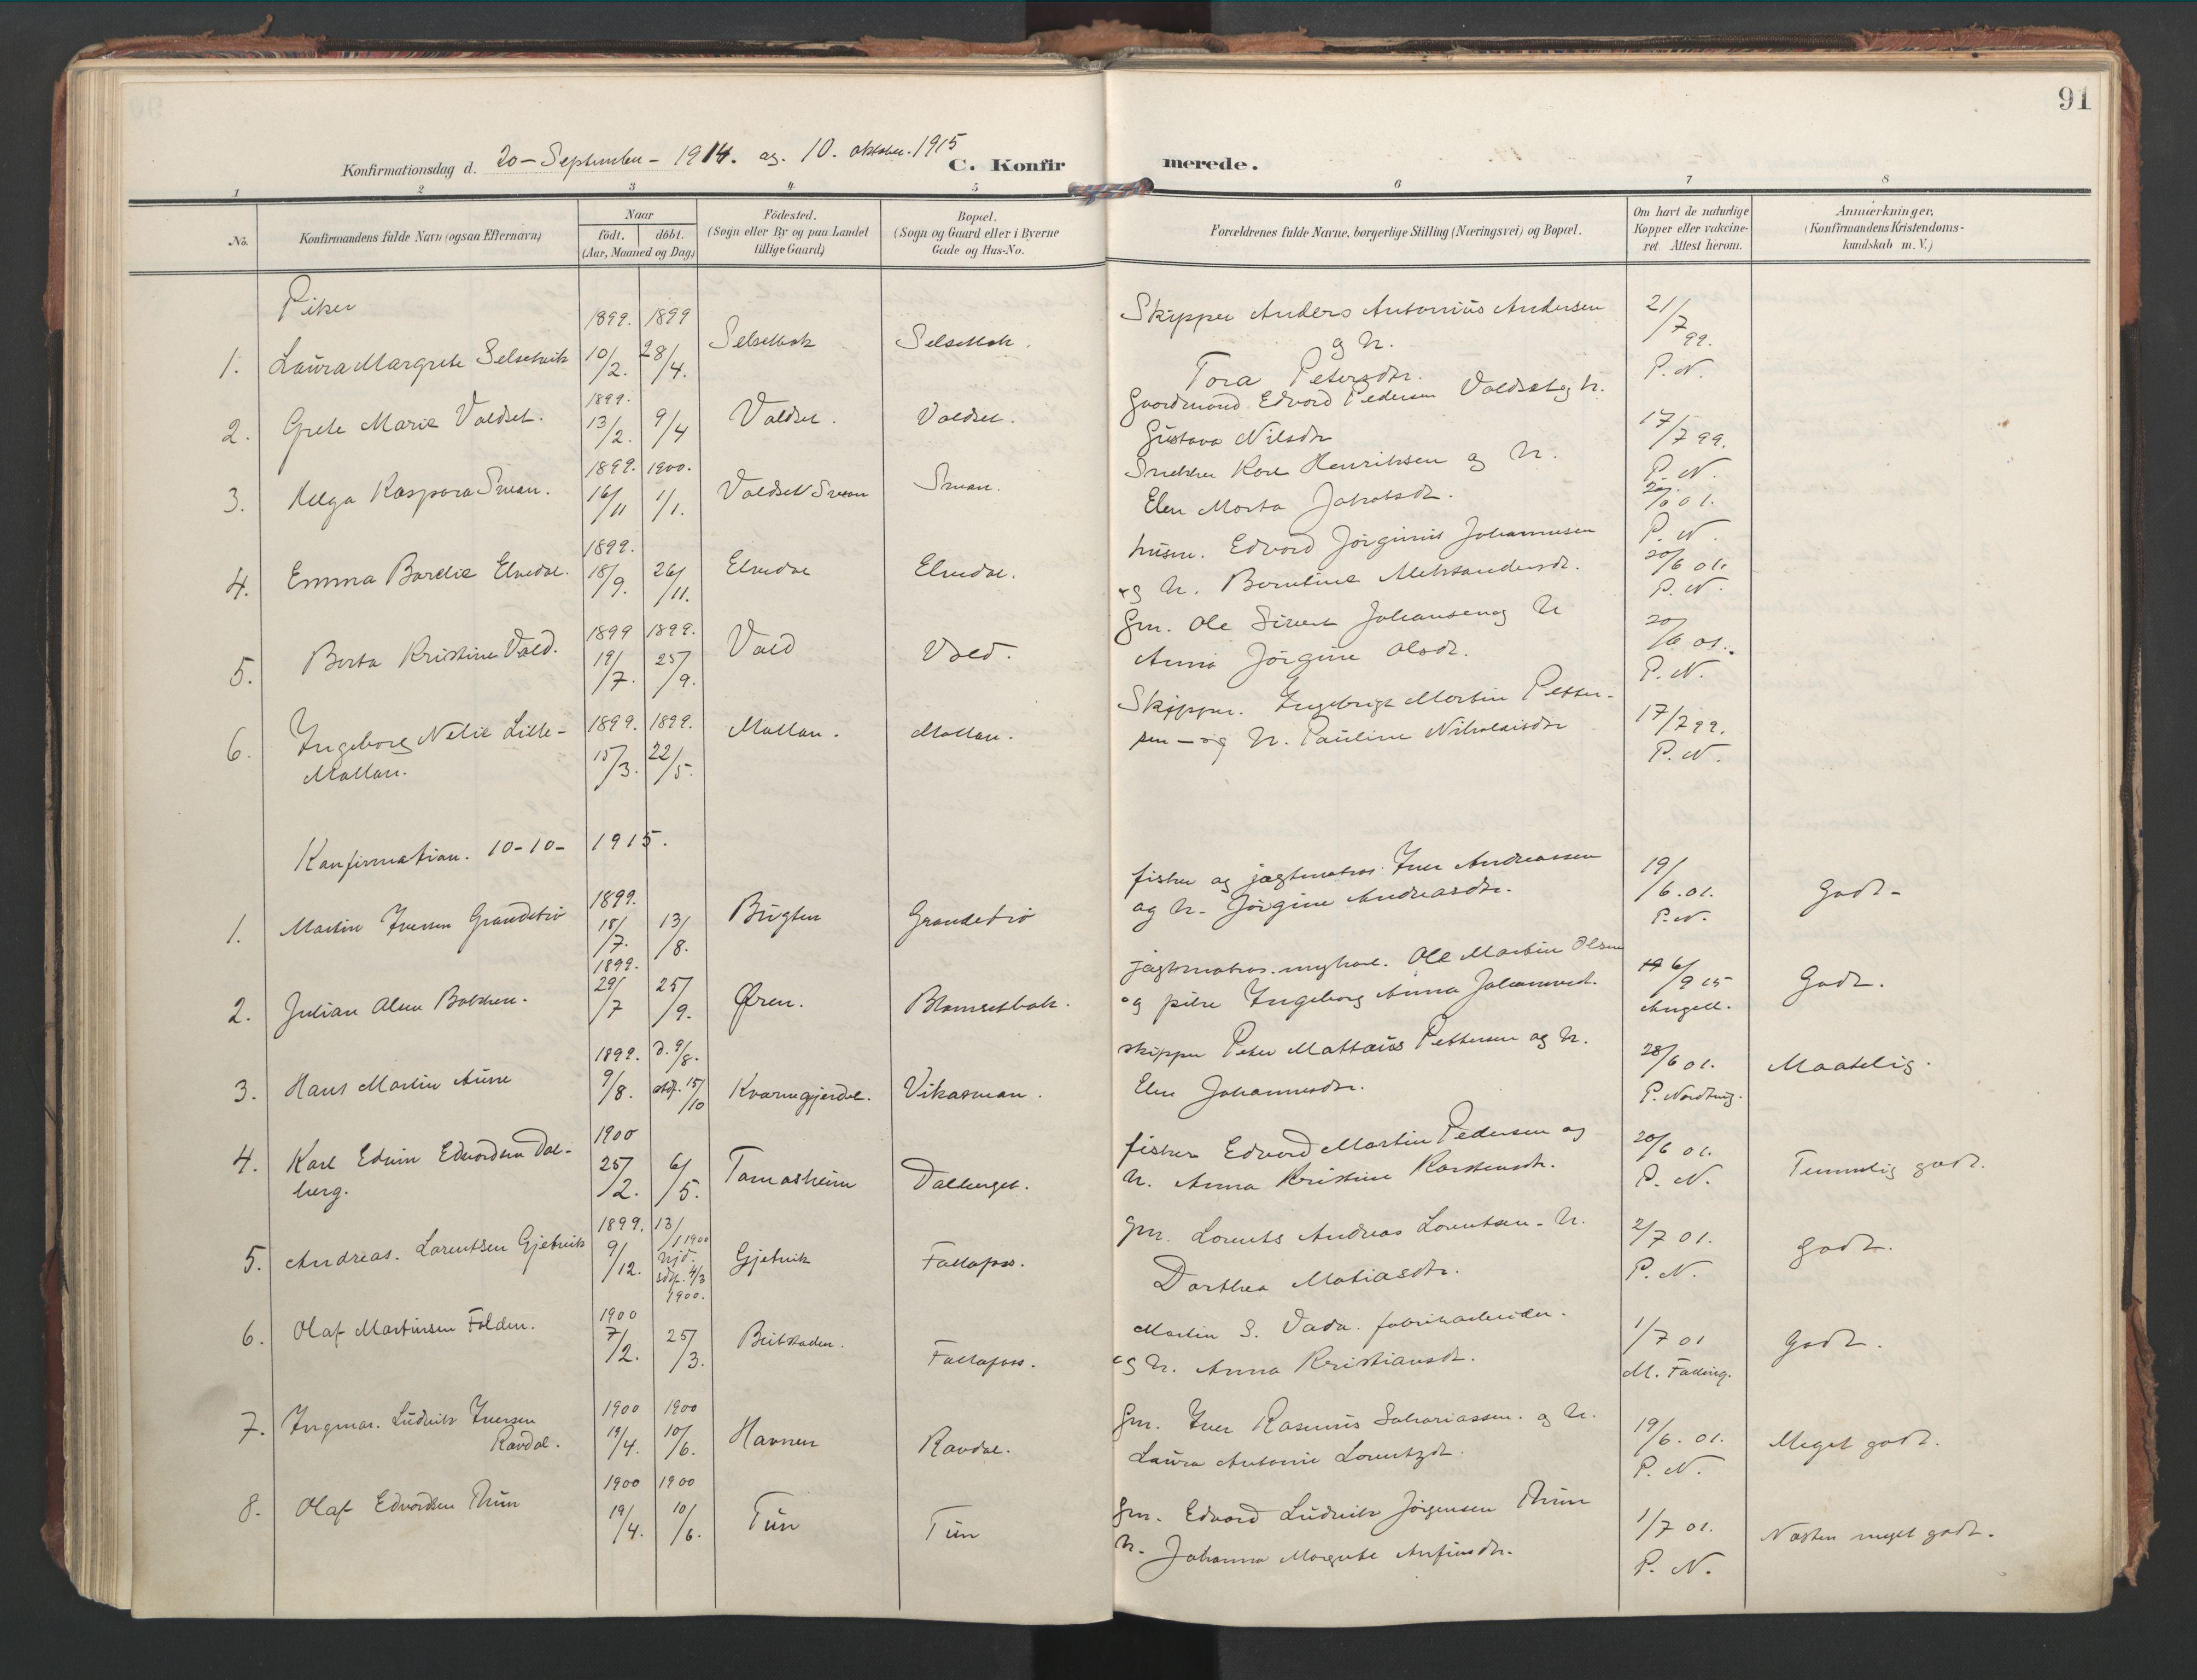 SAT, Ministerialprotokoller, klokkerbøker og fødselsregistre - Nord-Trøndelag, 744/L0421: Ministerialbok nr. 744A05, 1905-1930, s. 91